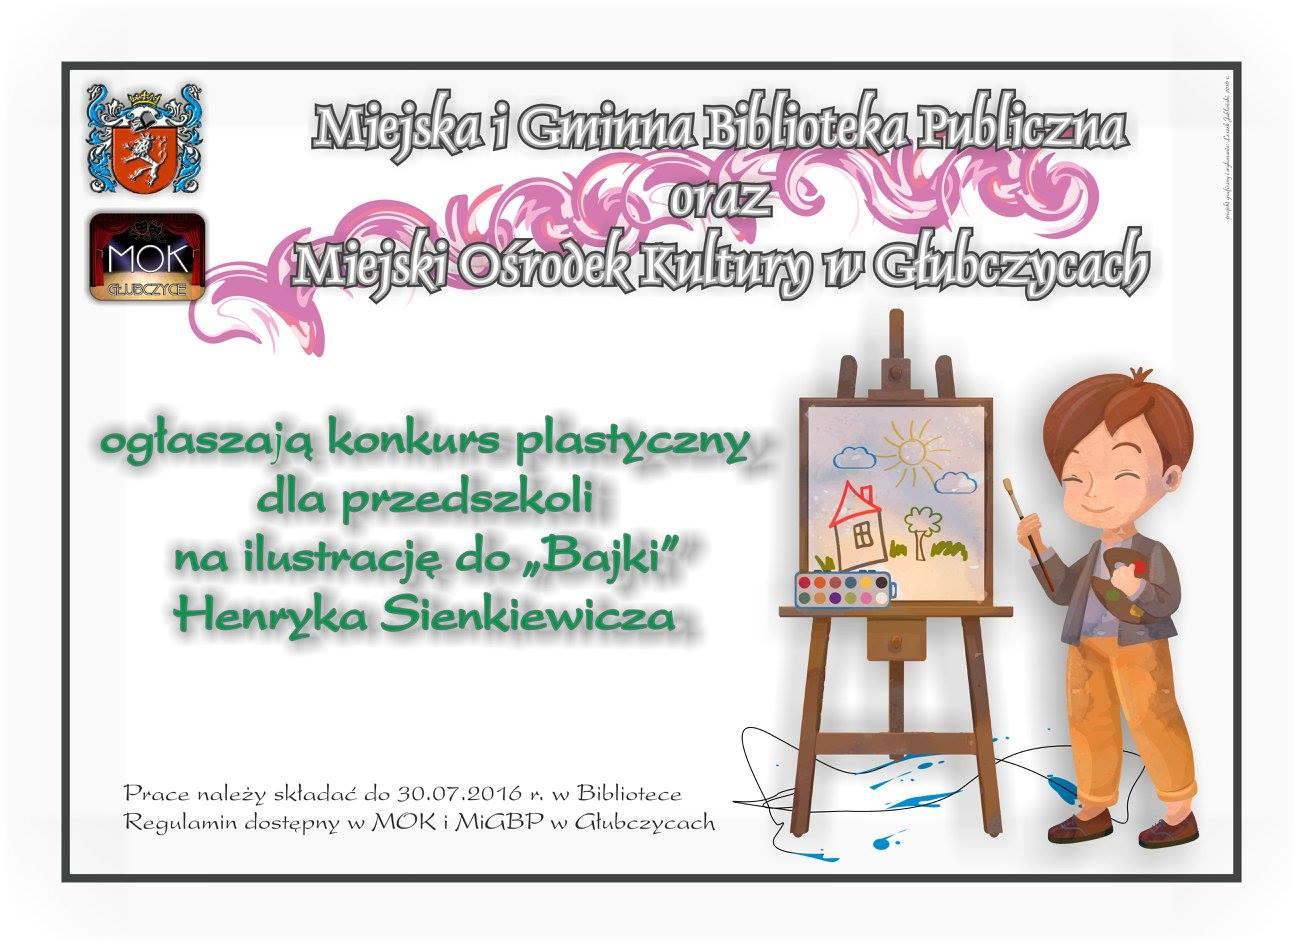 Sienkiewicz - do 10 czerwca - konkurs plastyczny bajka - plakat